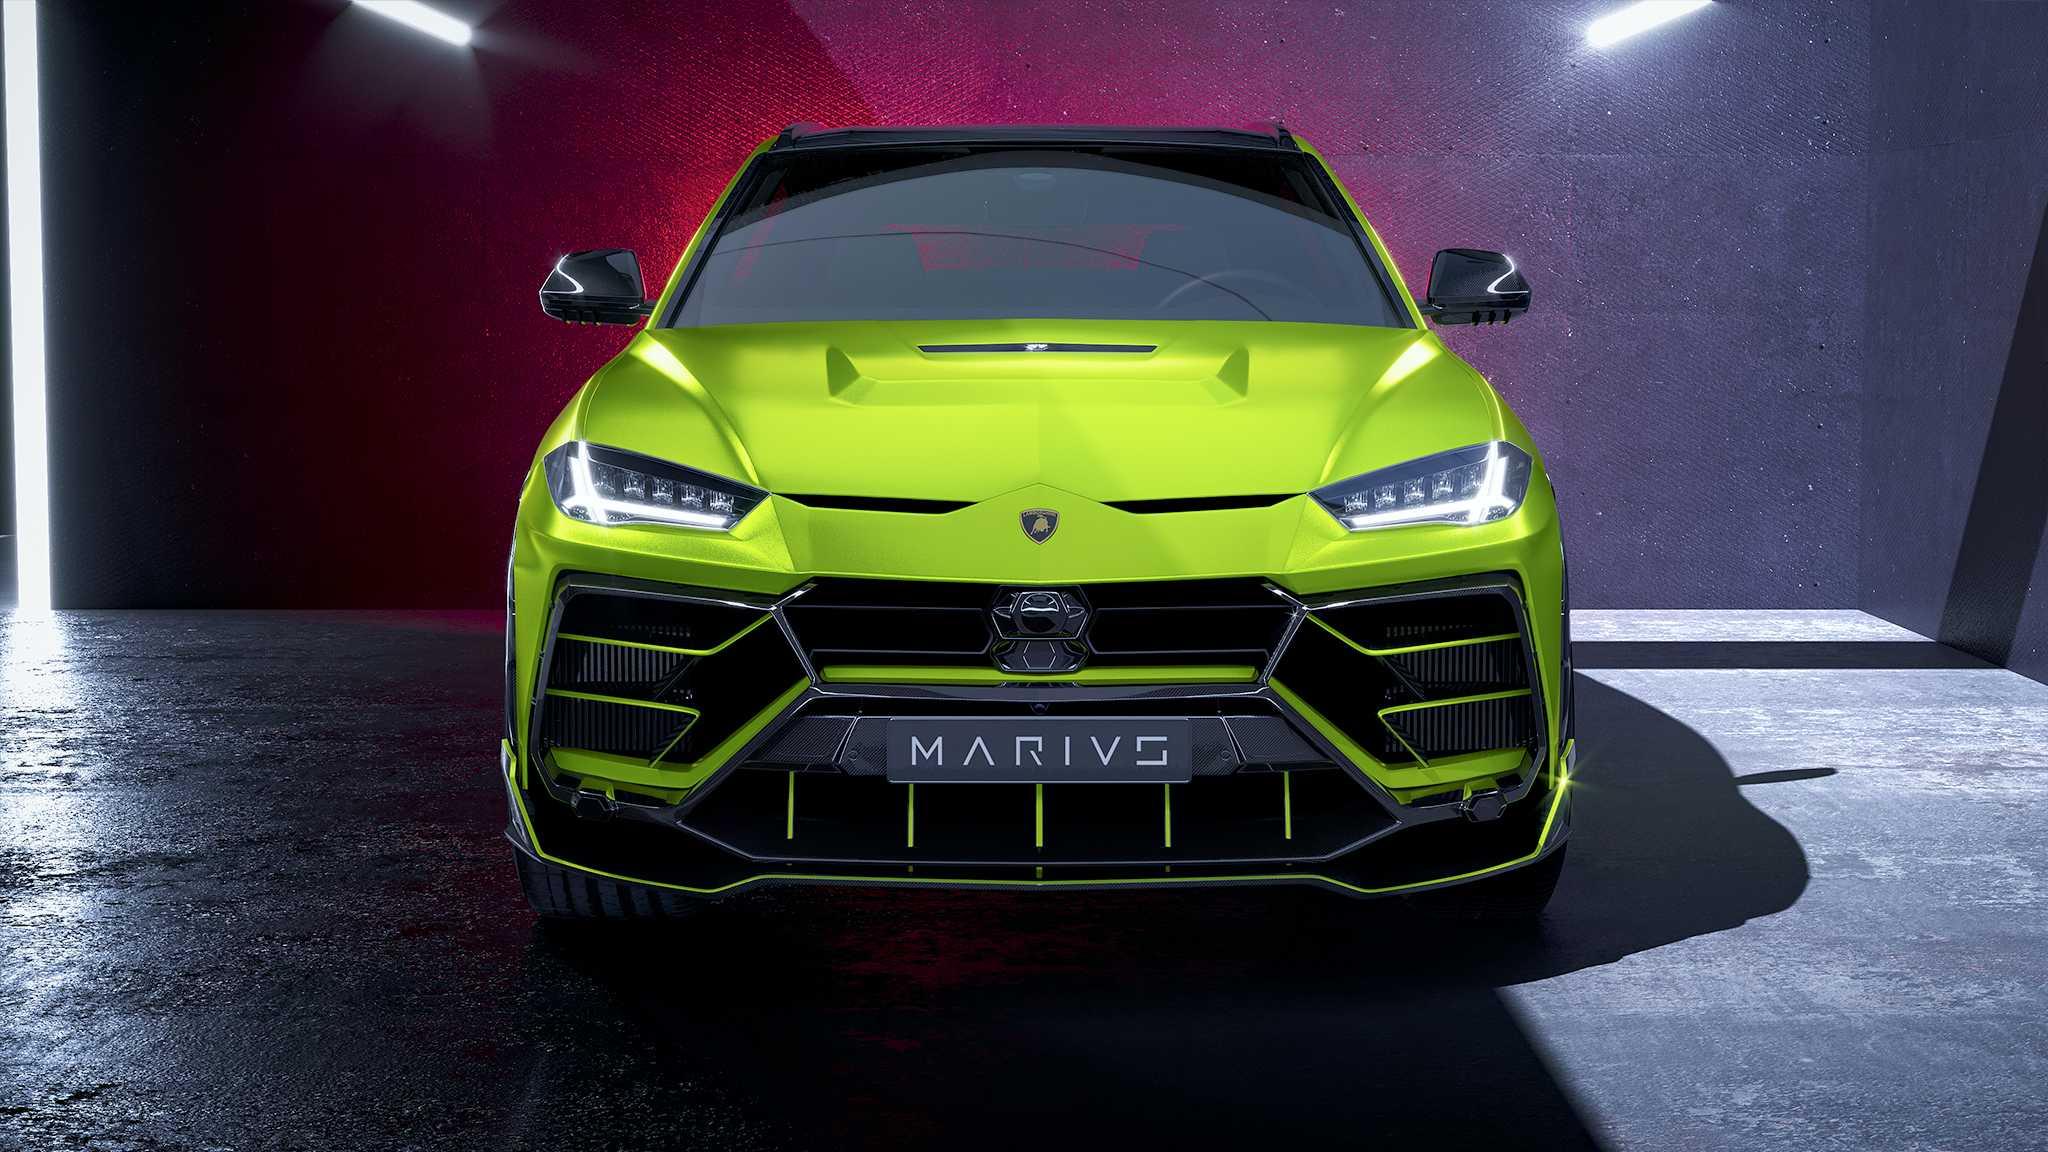 Marius Designhaus Lamborghini Urus (6)